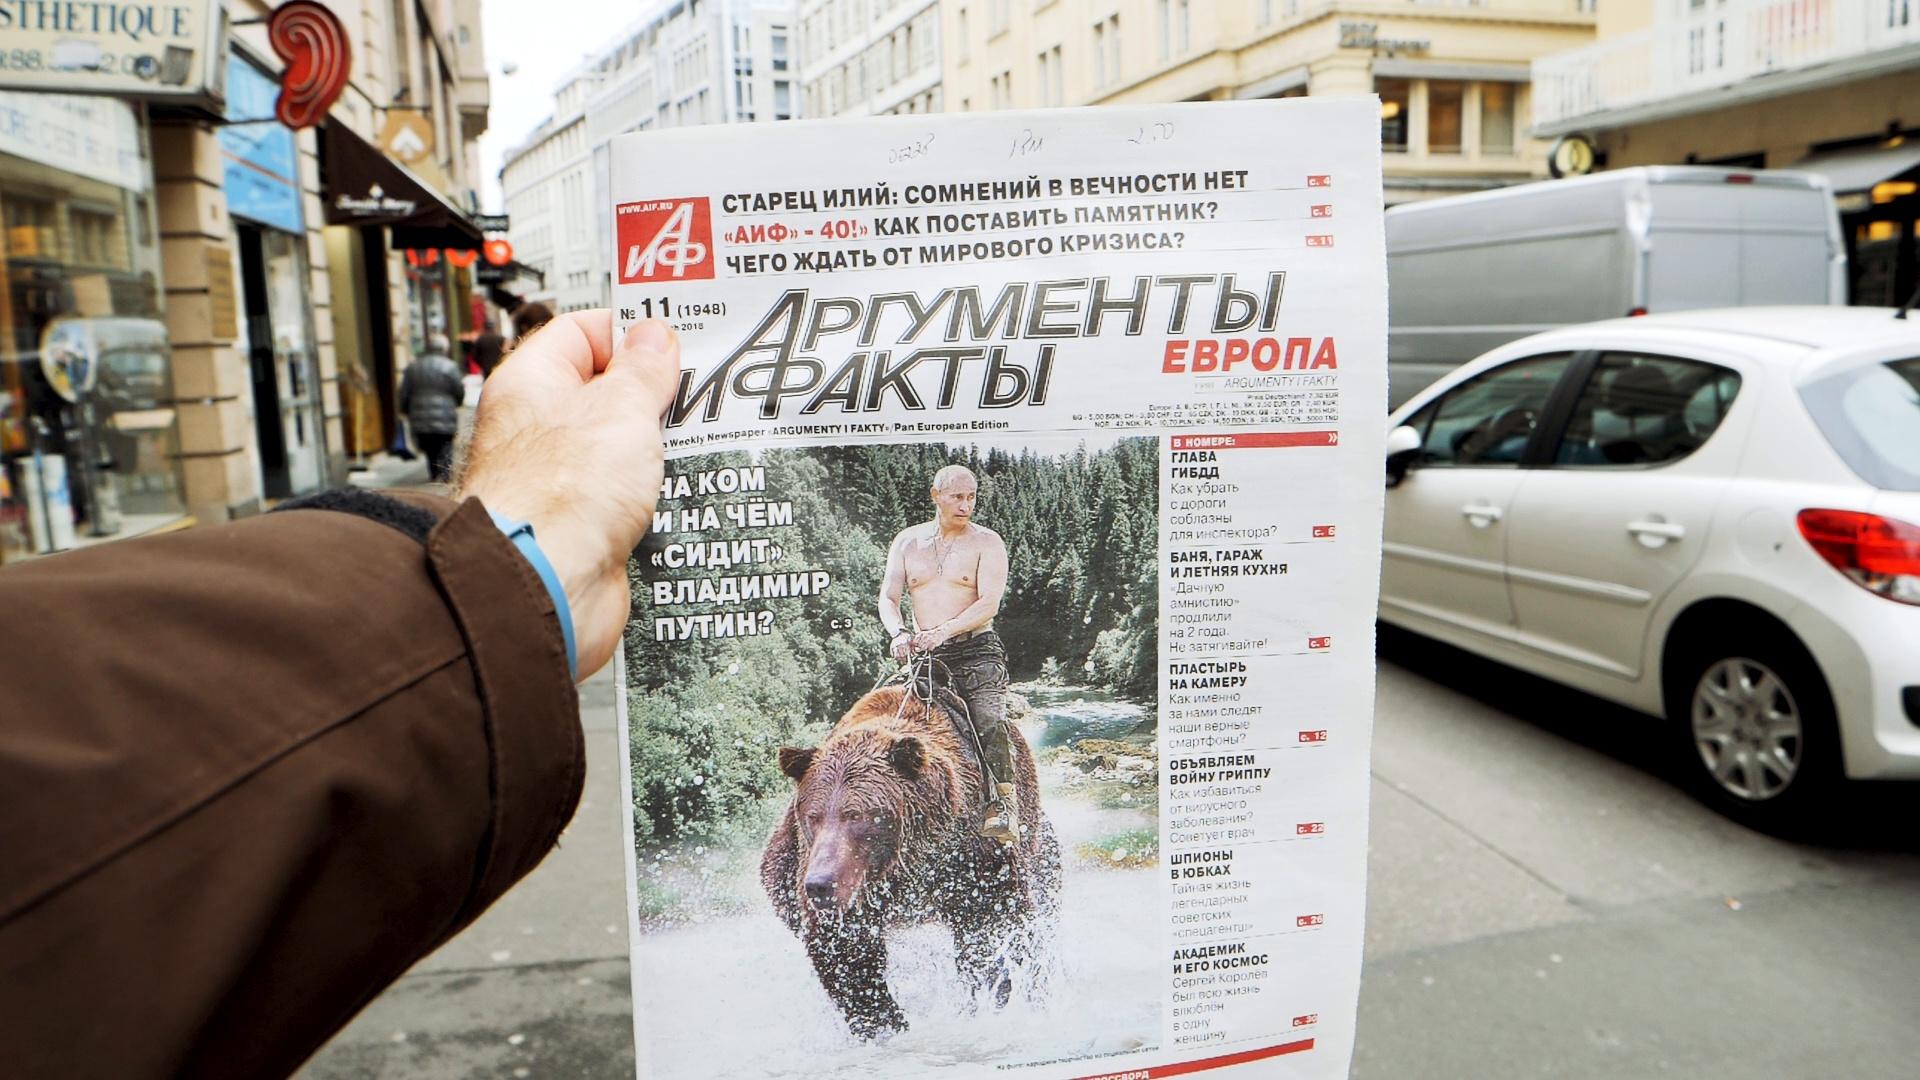 argumenty-i-fakty-russian-press-footage-087224642_prevstill Франц, Итали, Япон, ОХУ-ын хэвлэл мэдээллийн өнгө төрх